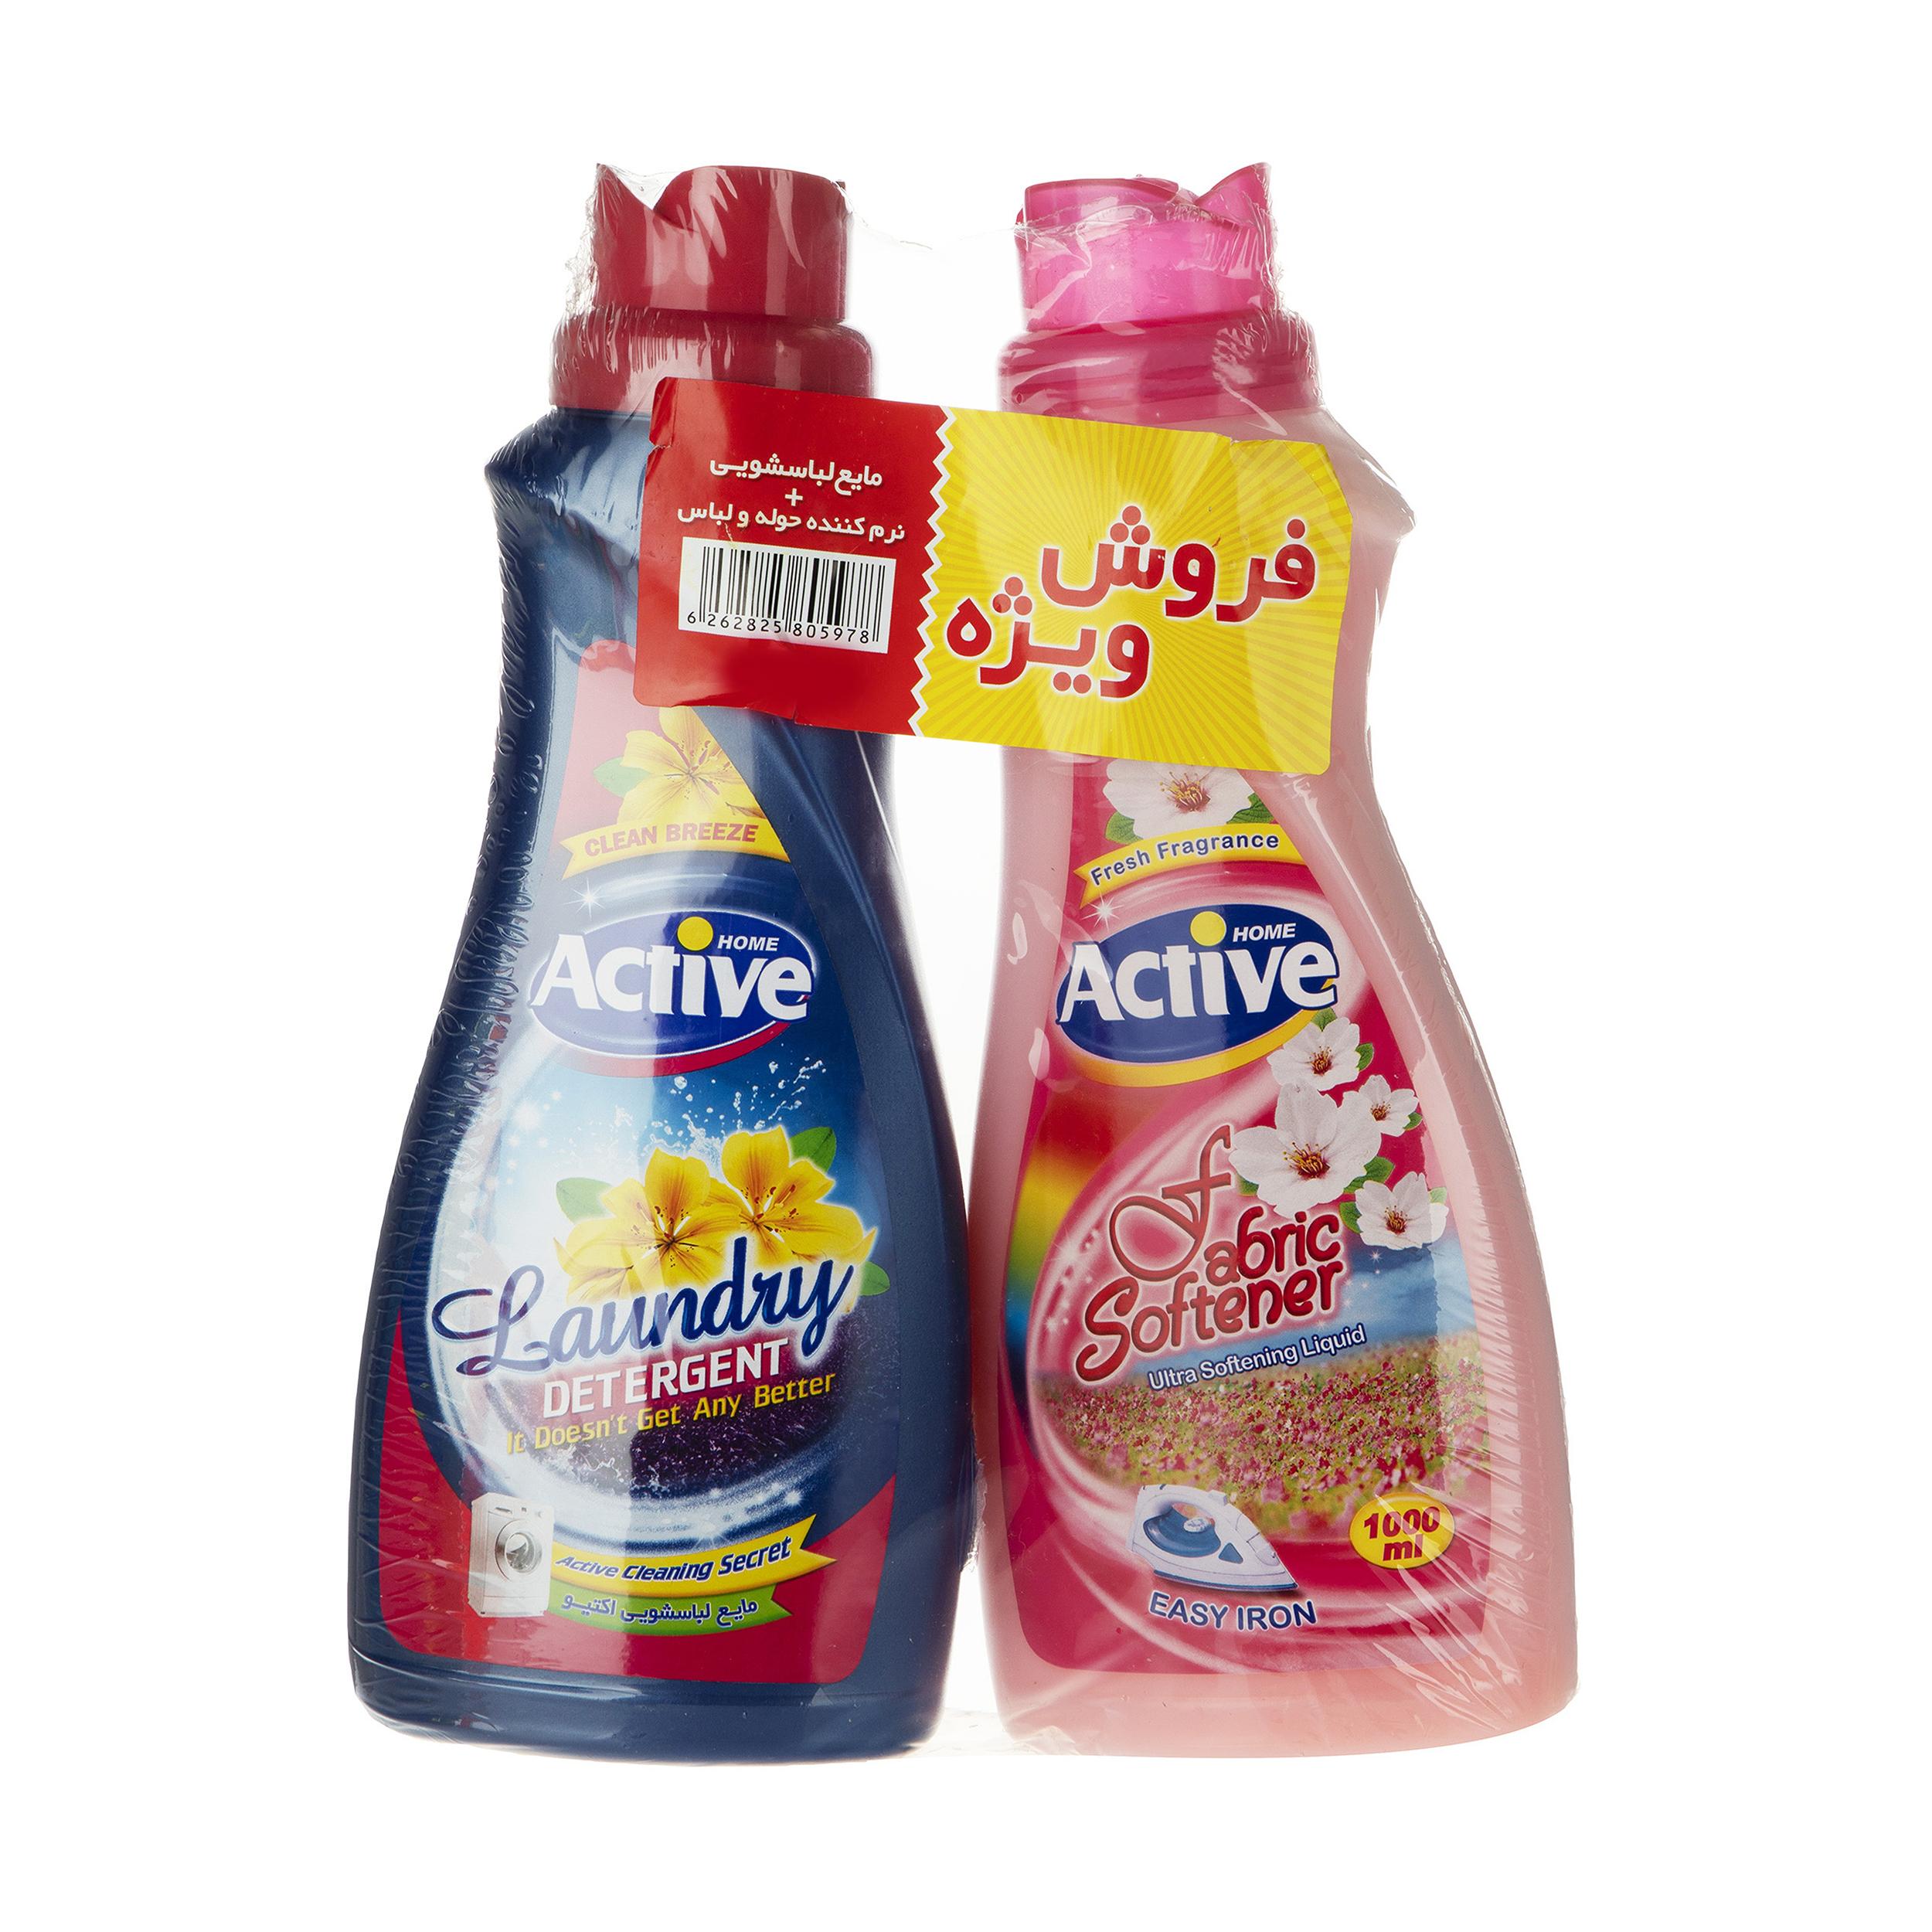 مایع لباسشویی و نرم کننده اکتیو مدل Detergent and Fabic حجم 1 لیتر